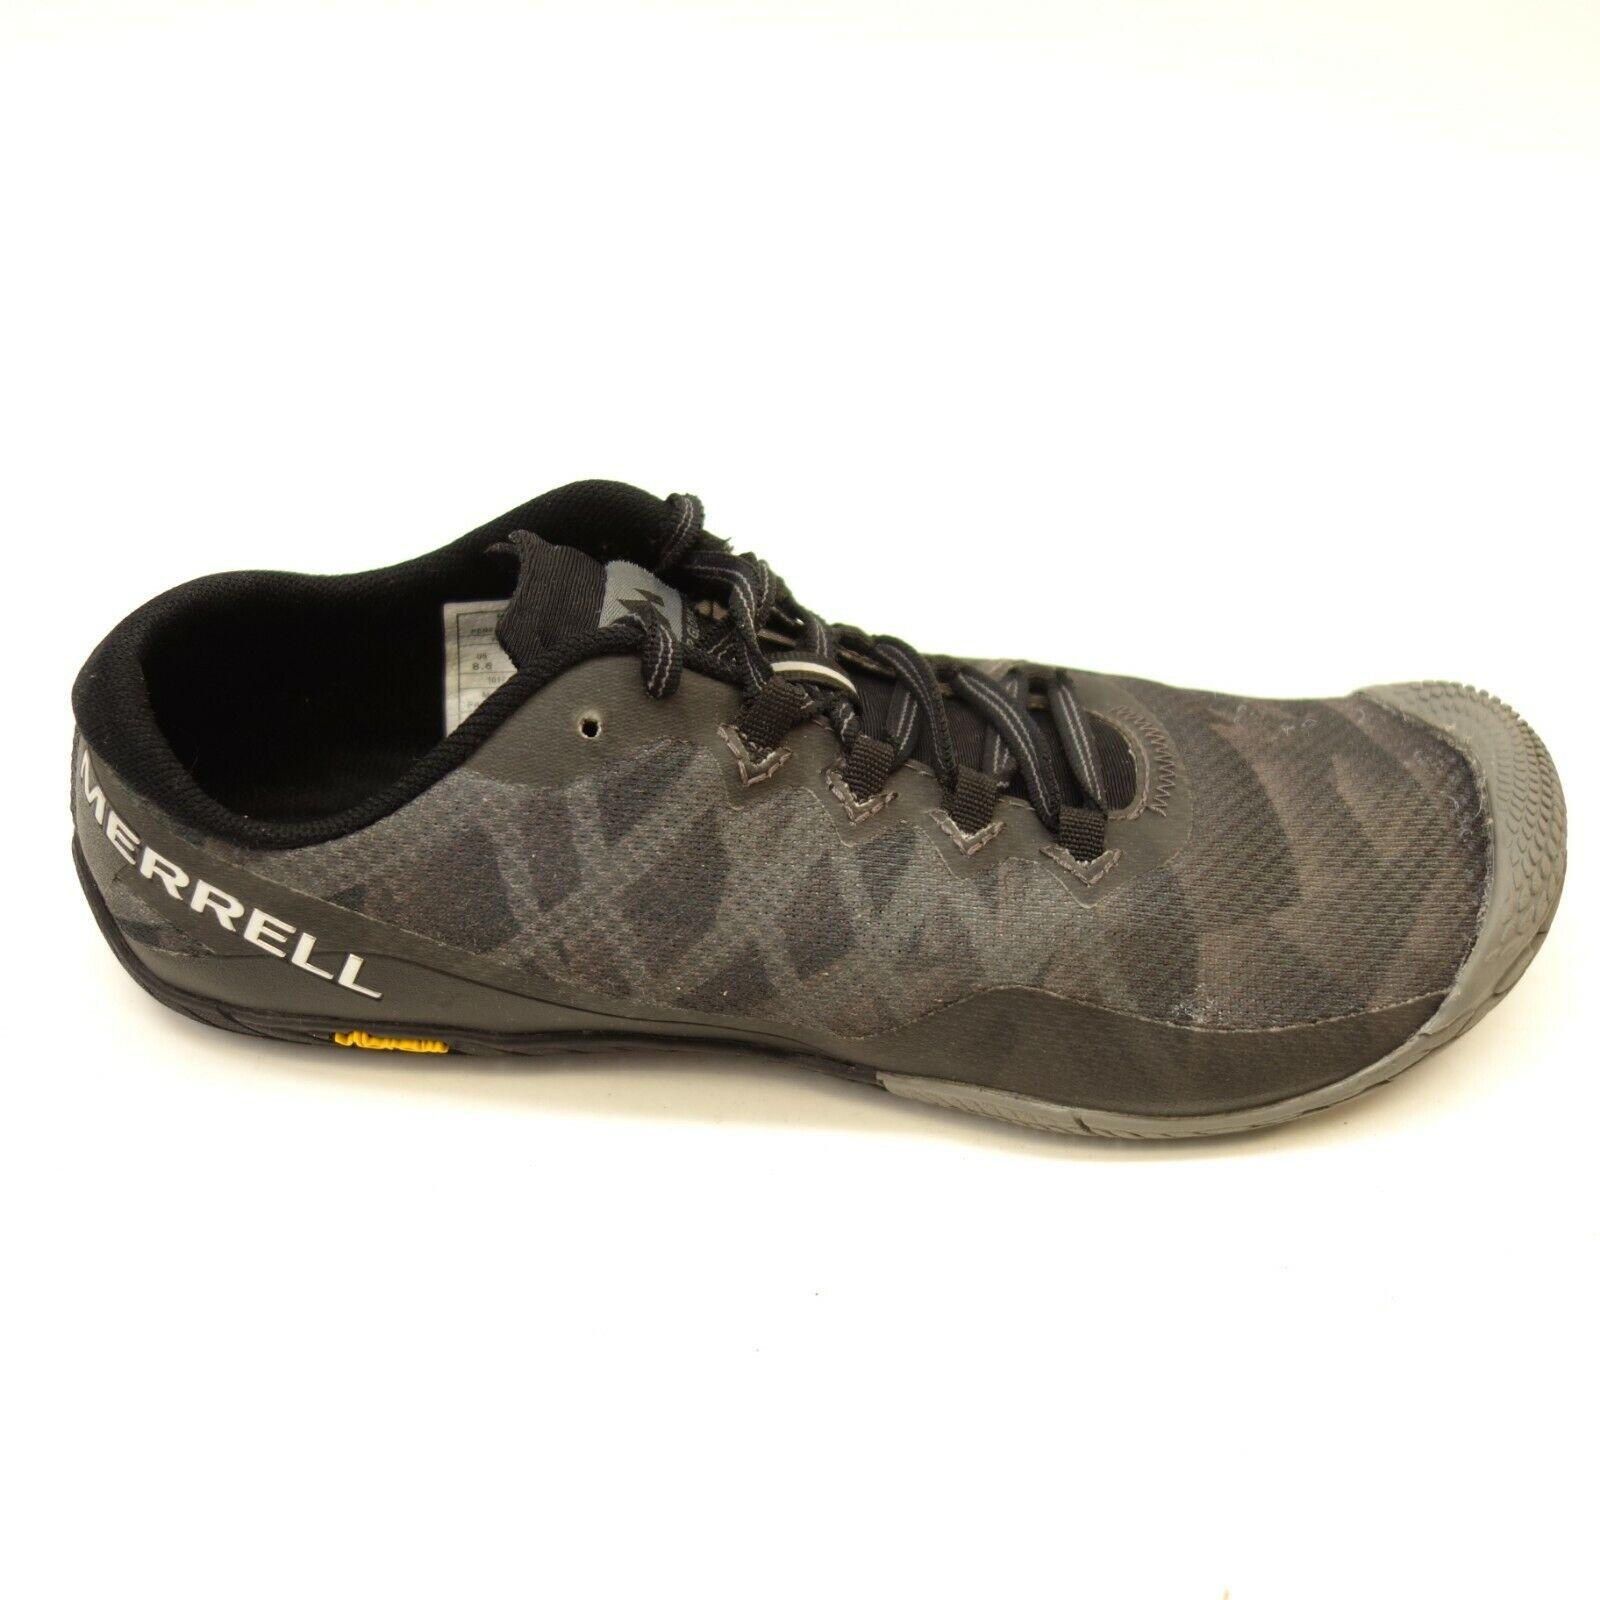 Merrell Mujer Vapor Guante 3 gris Transpirable Vibram Zapatos Atléticos Talla 8.5